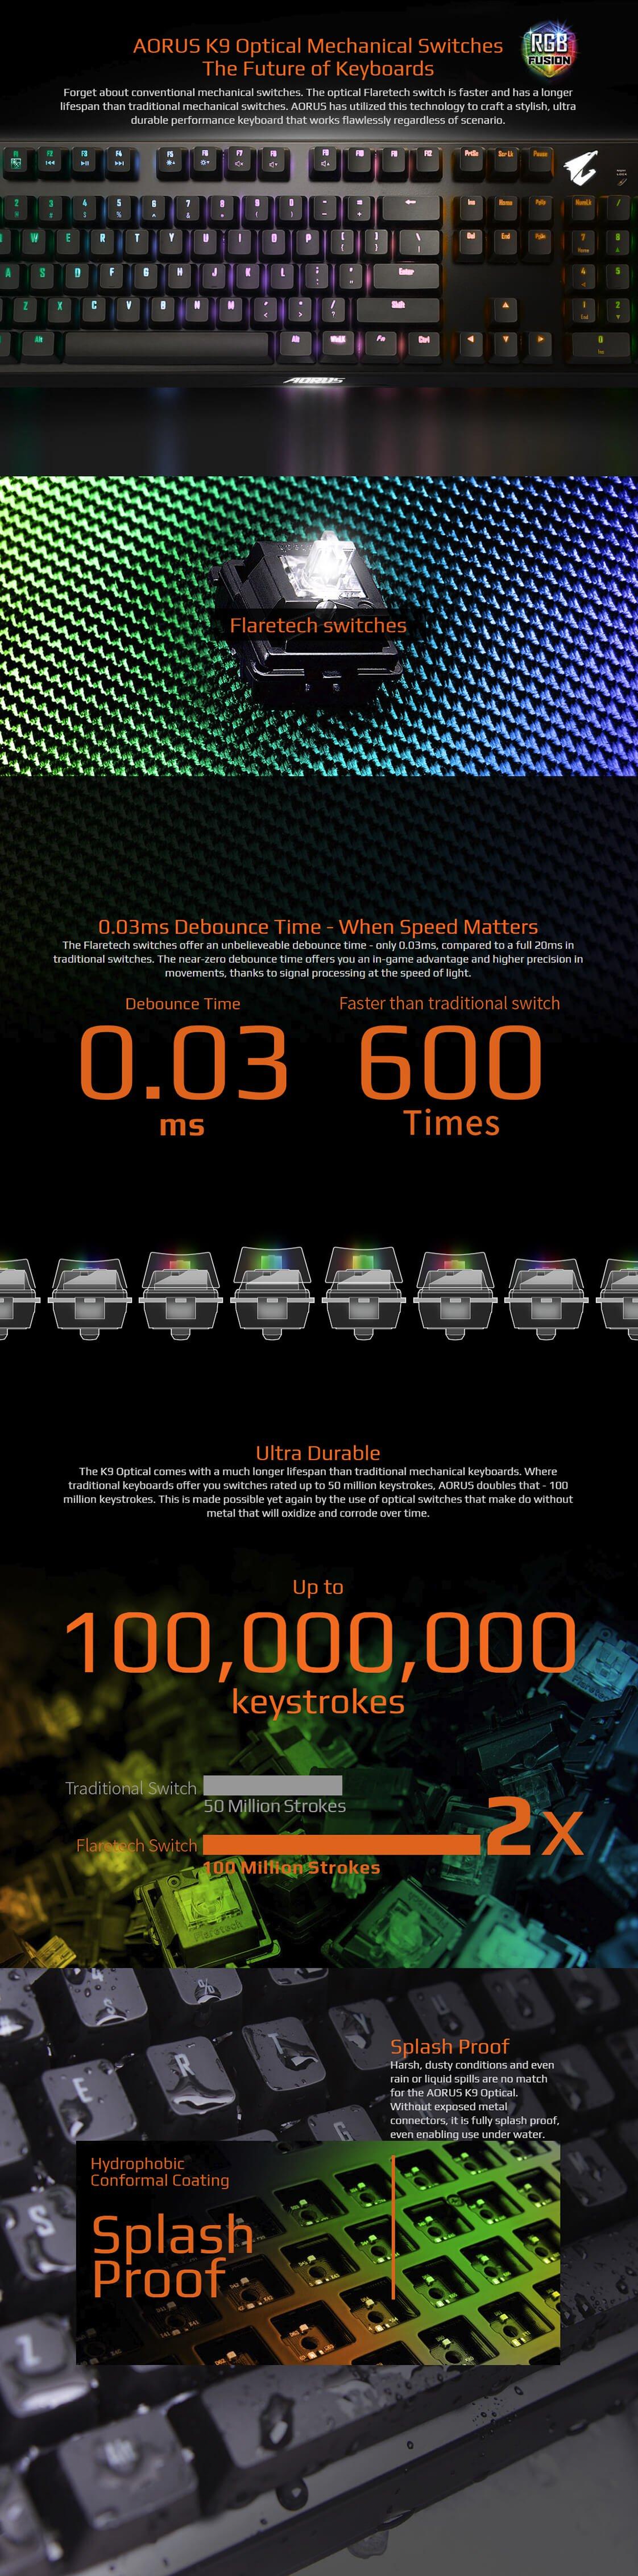 Gigabyte AORUS K9 Optical RGB Gaming Keyboard Flaretech Red AORUS-K9-RED